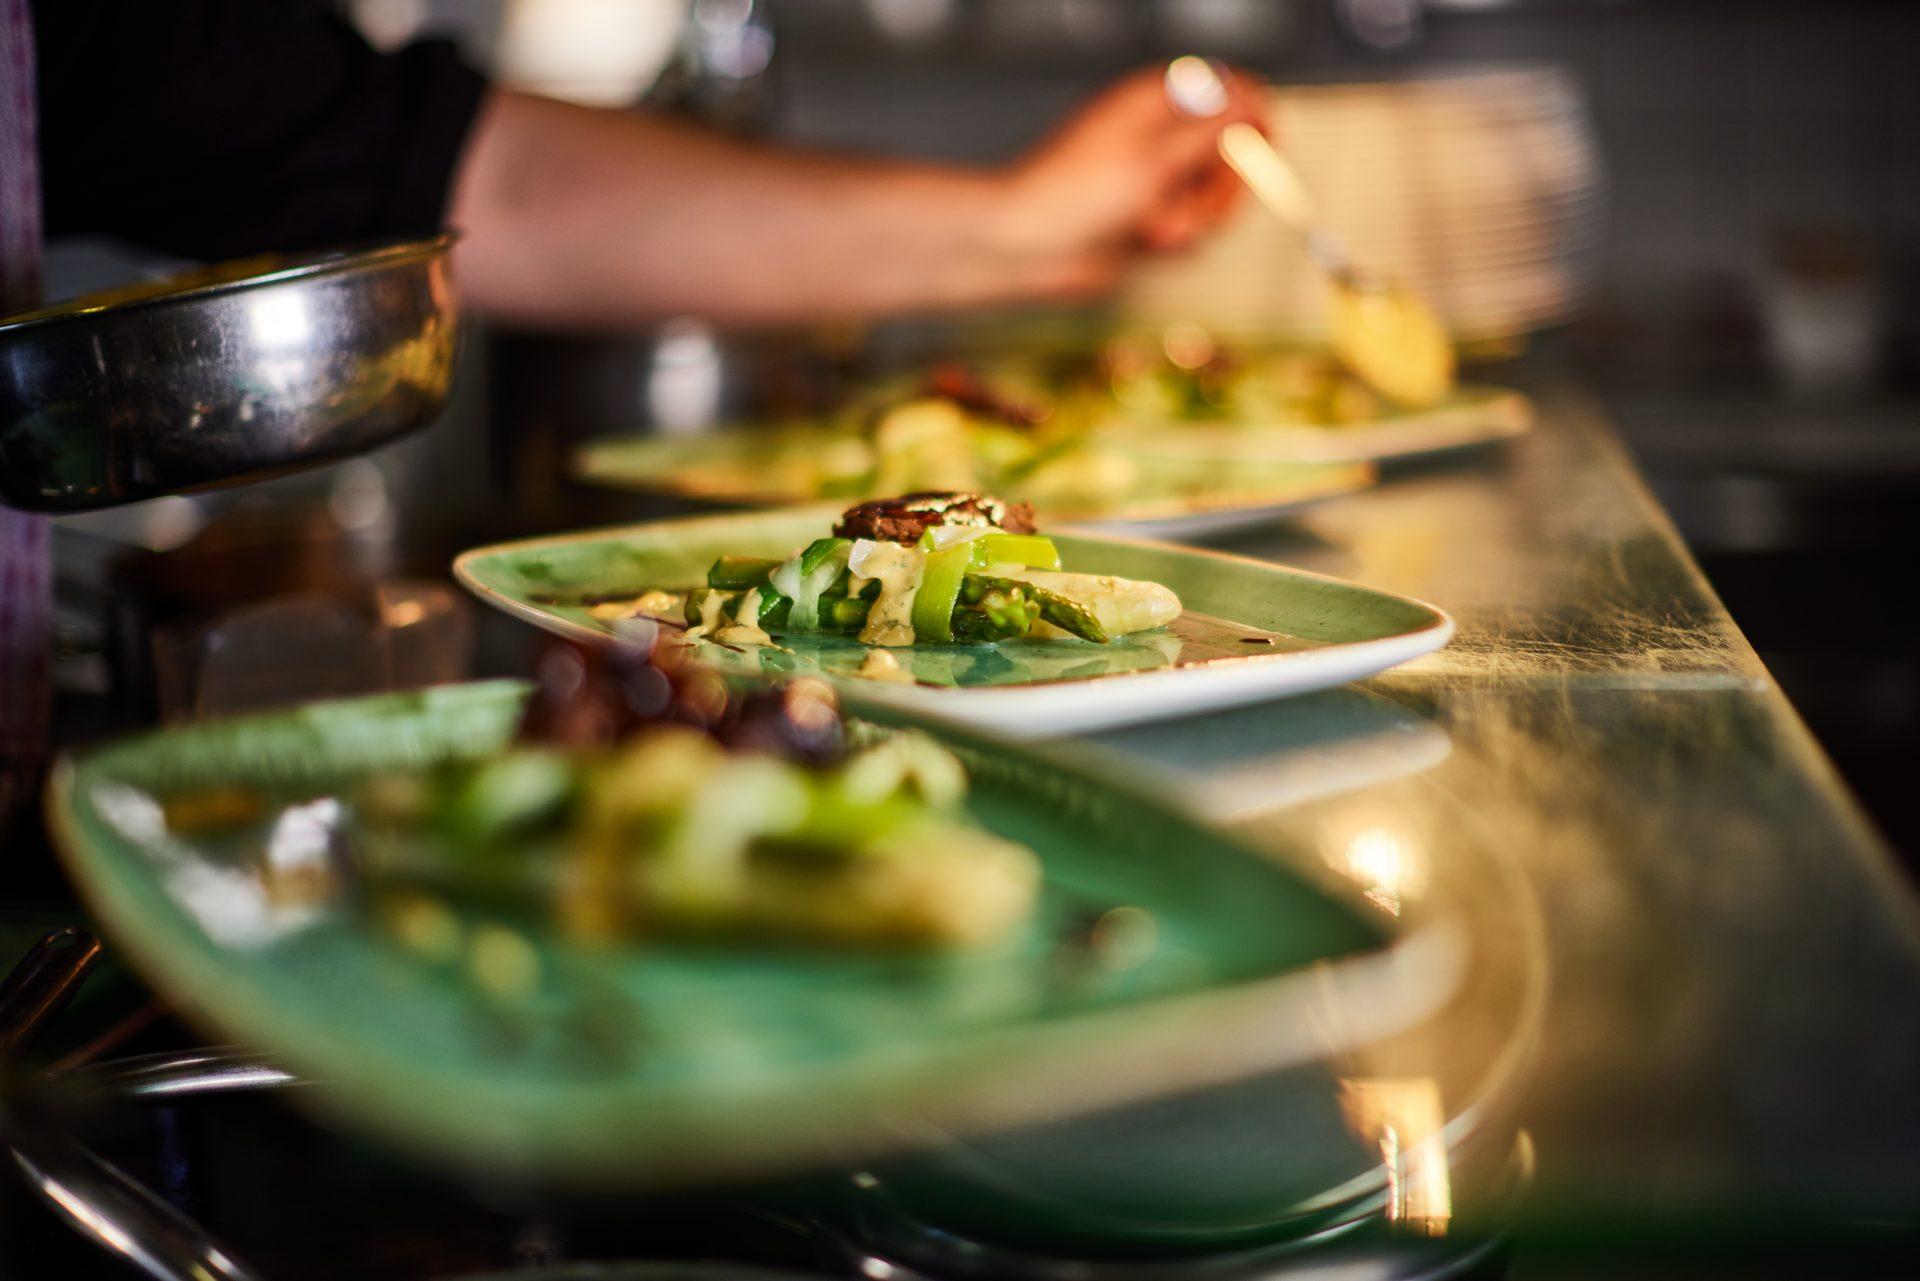 Angerichtete Teller in einer Küche im Restaurant